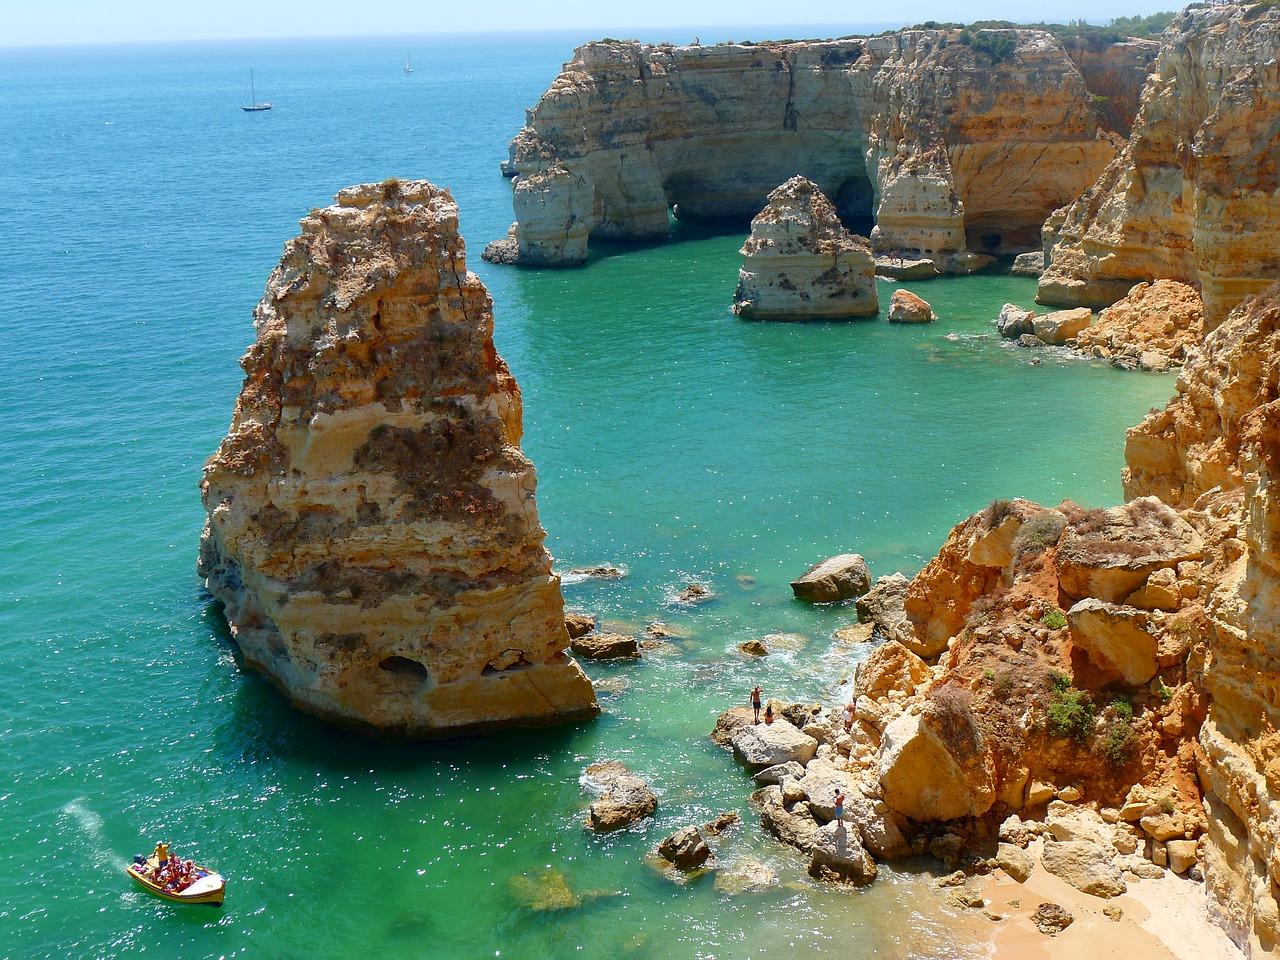 Portugal Flug nach Faro günstig ab 7,36€ Hotels ab 8,00€